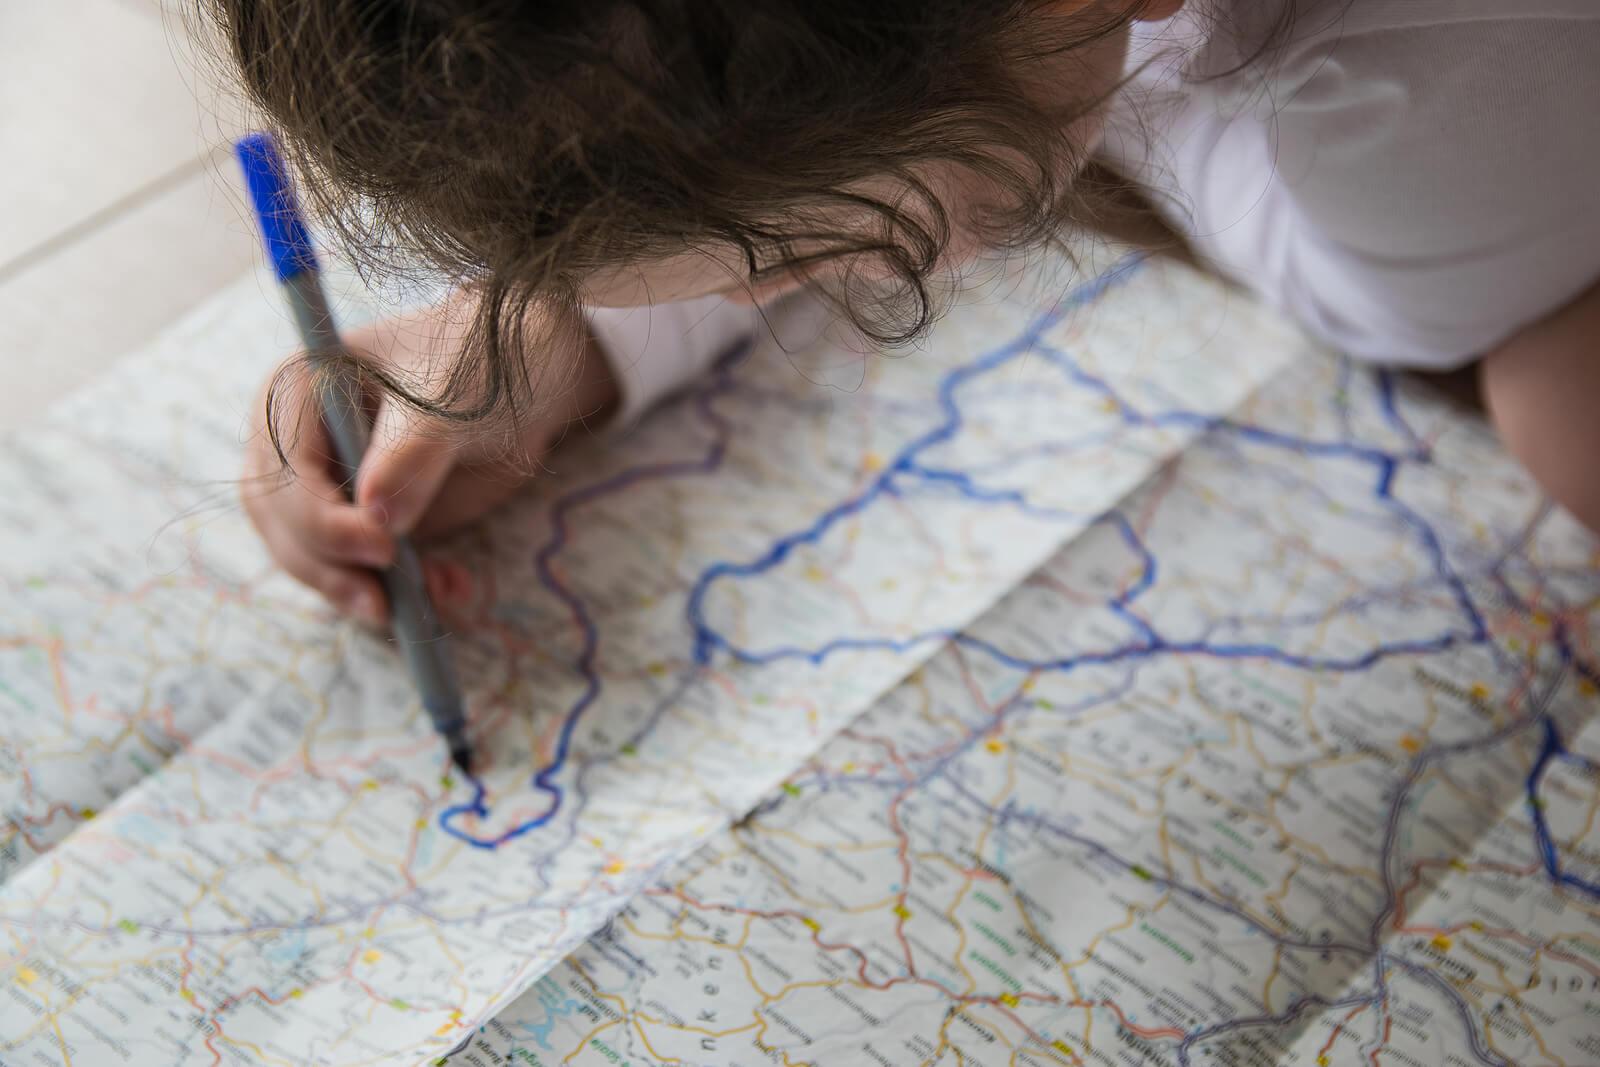 Niña trazando una ruta en un mapa.